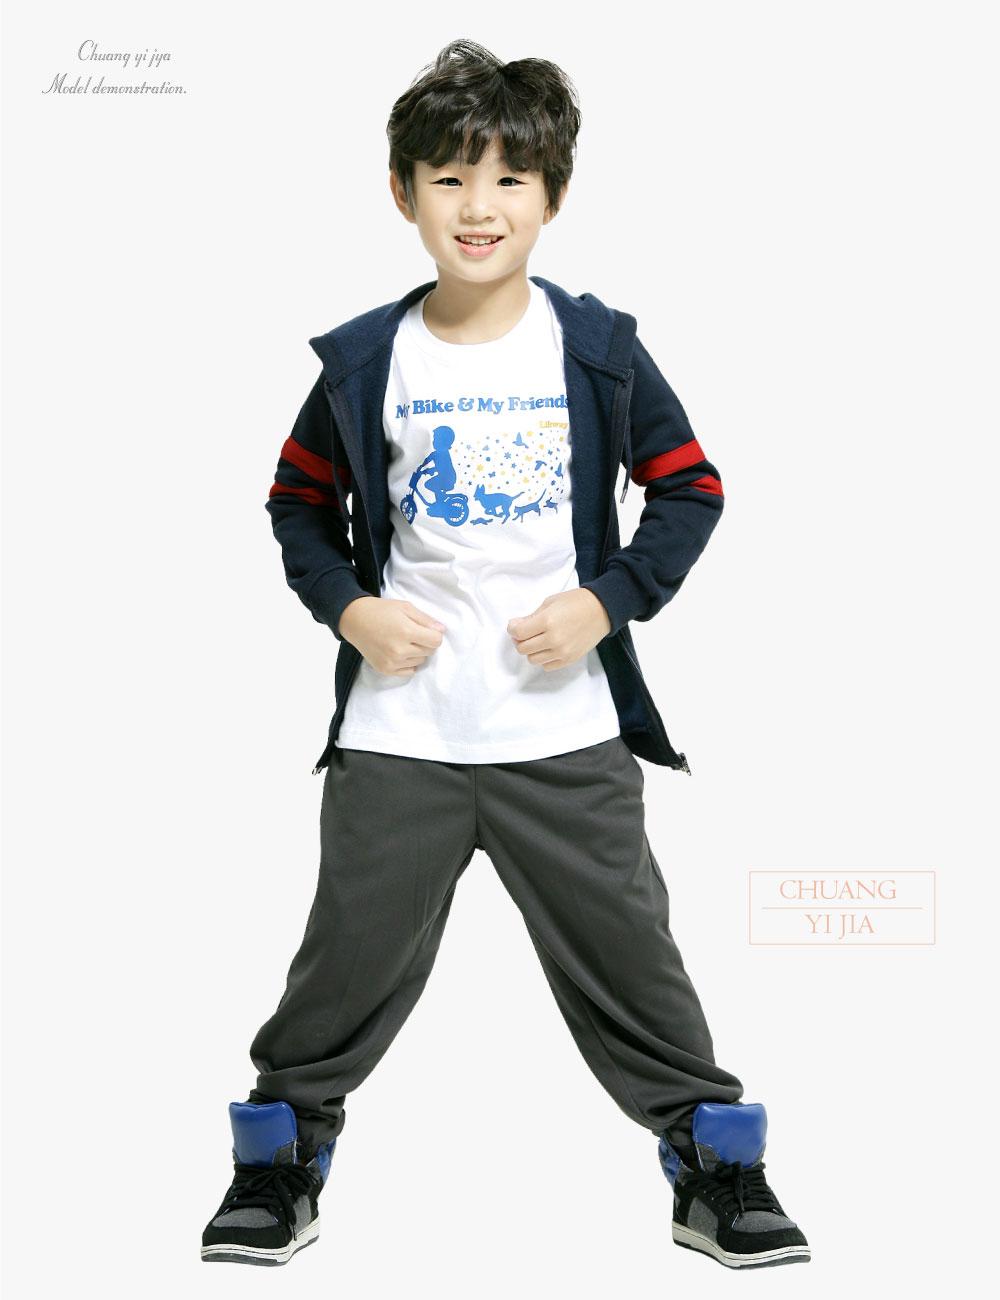 創意家團體服,台灣生產製造,班級外套,系服,社團外套,活動外套,紀念外套,潮外套,品牌外套,大學帽T外套,刷毛帽T外套,厚棉帽T外套,學生帽T外套,休閒穿搭,厚實保暖帽T,學生穿搭